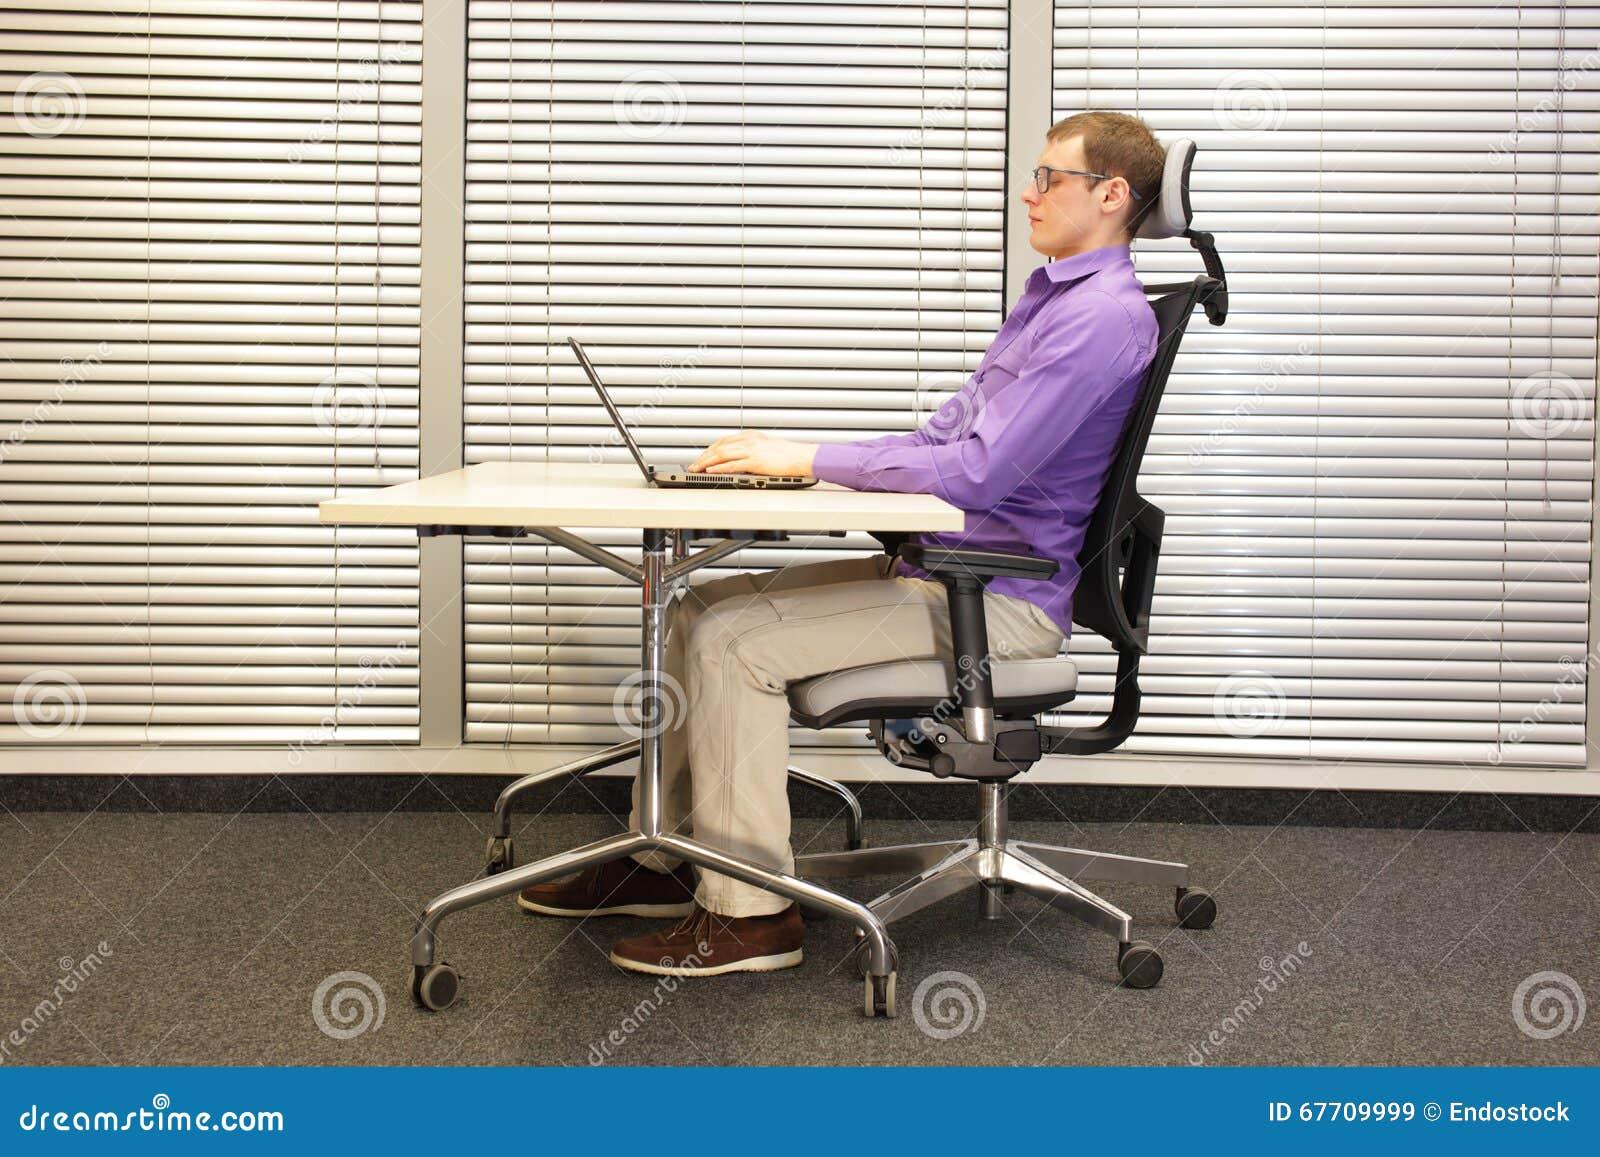 Au Position Sur Correcte La Assise Poste Homme De Travail BQWxrdCoe